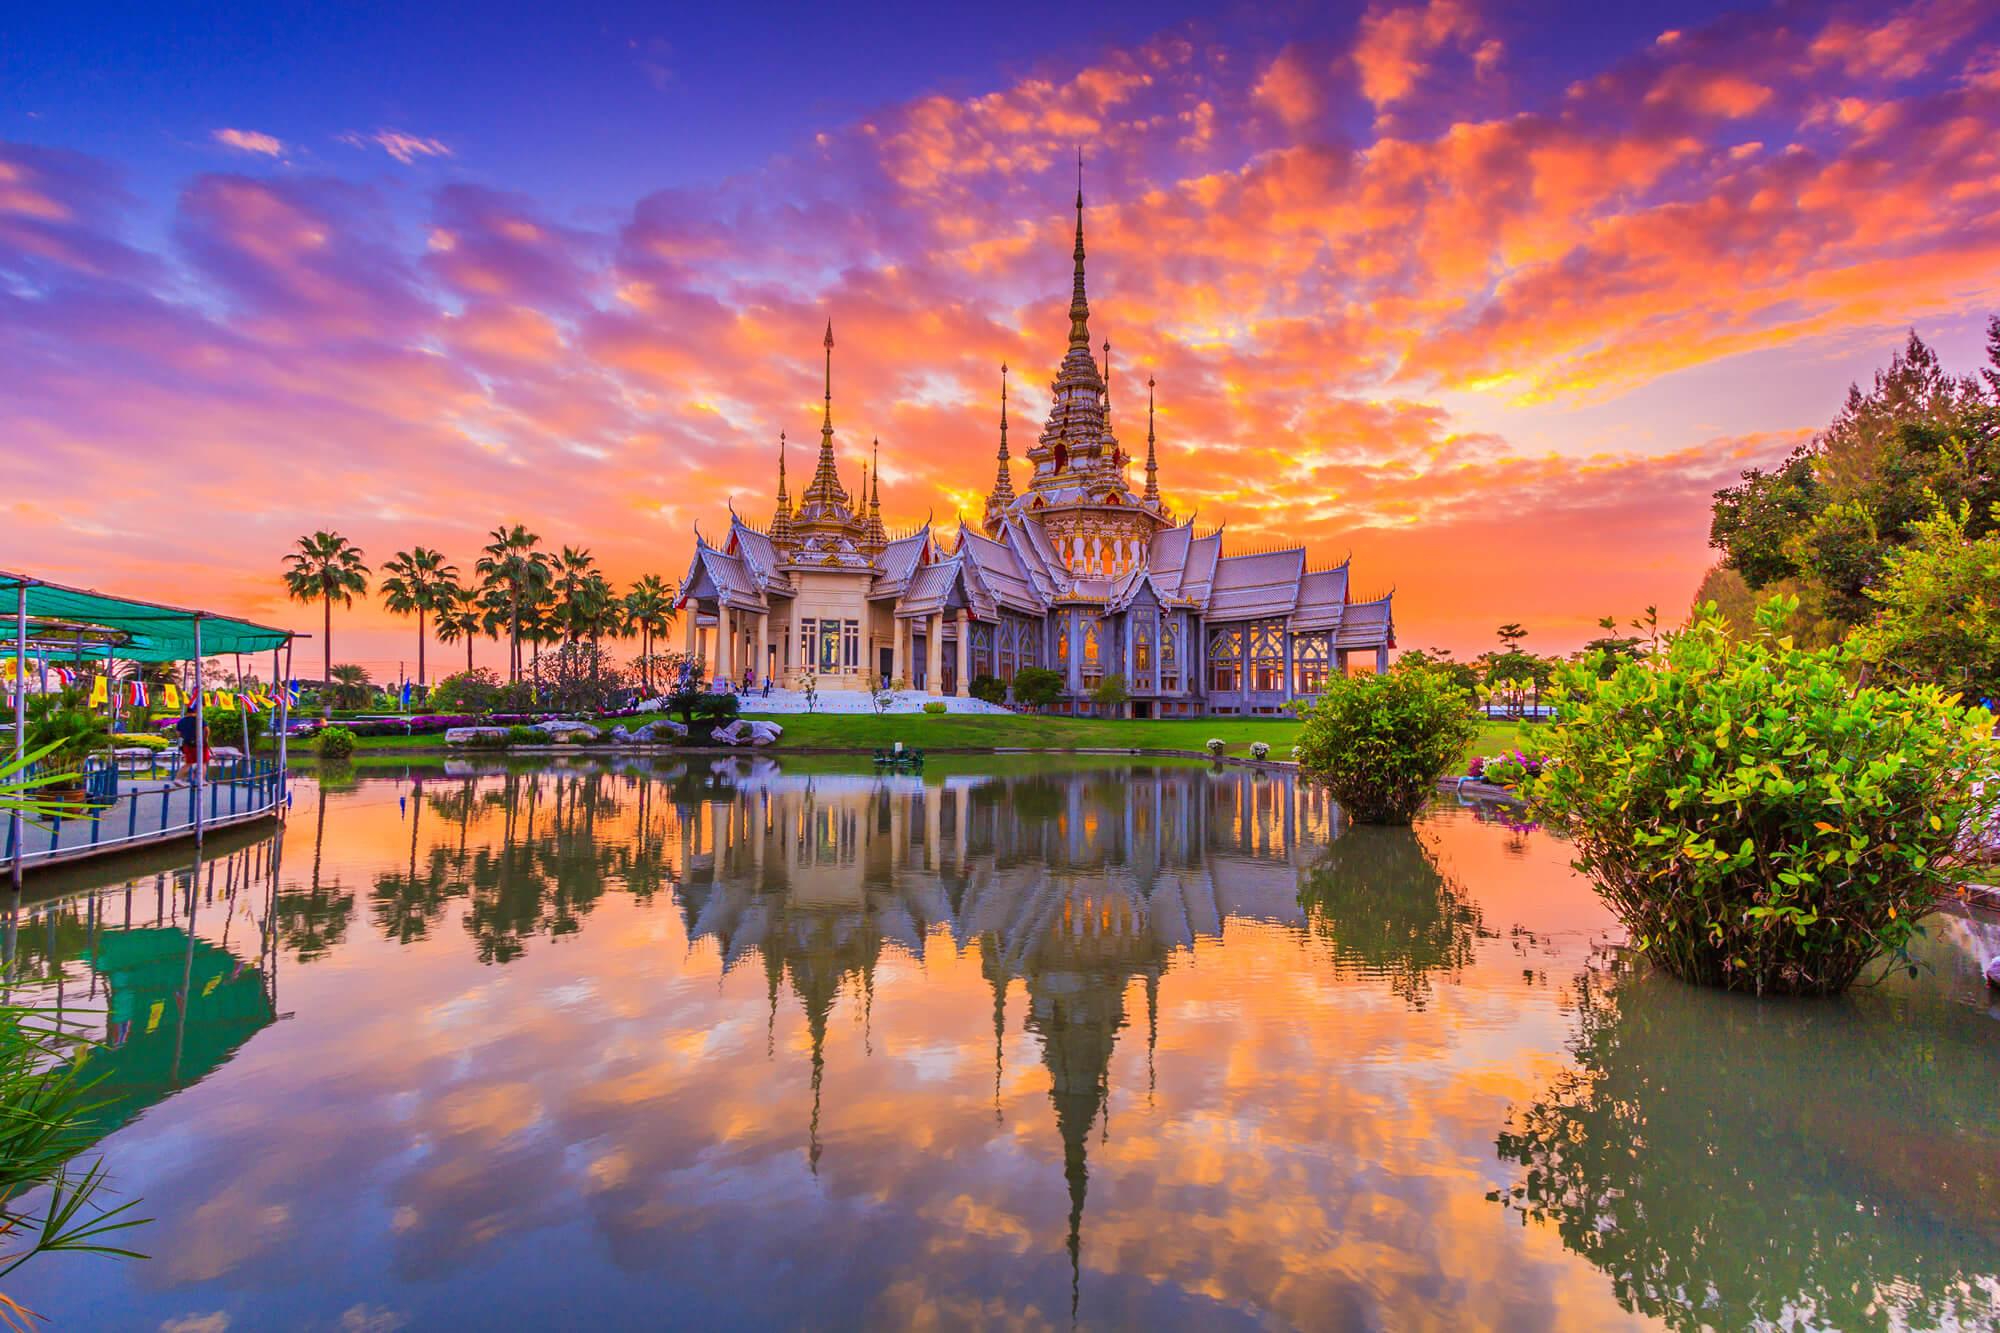 Wat None Kum Temple, Thailand